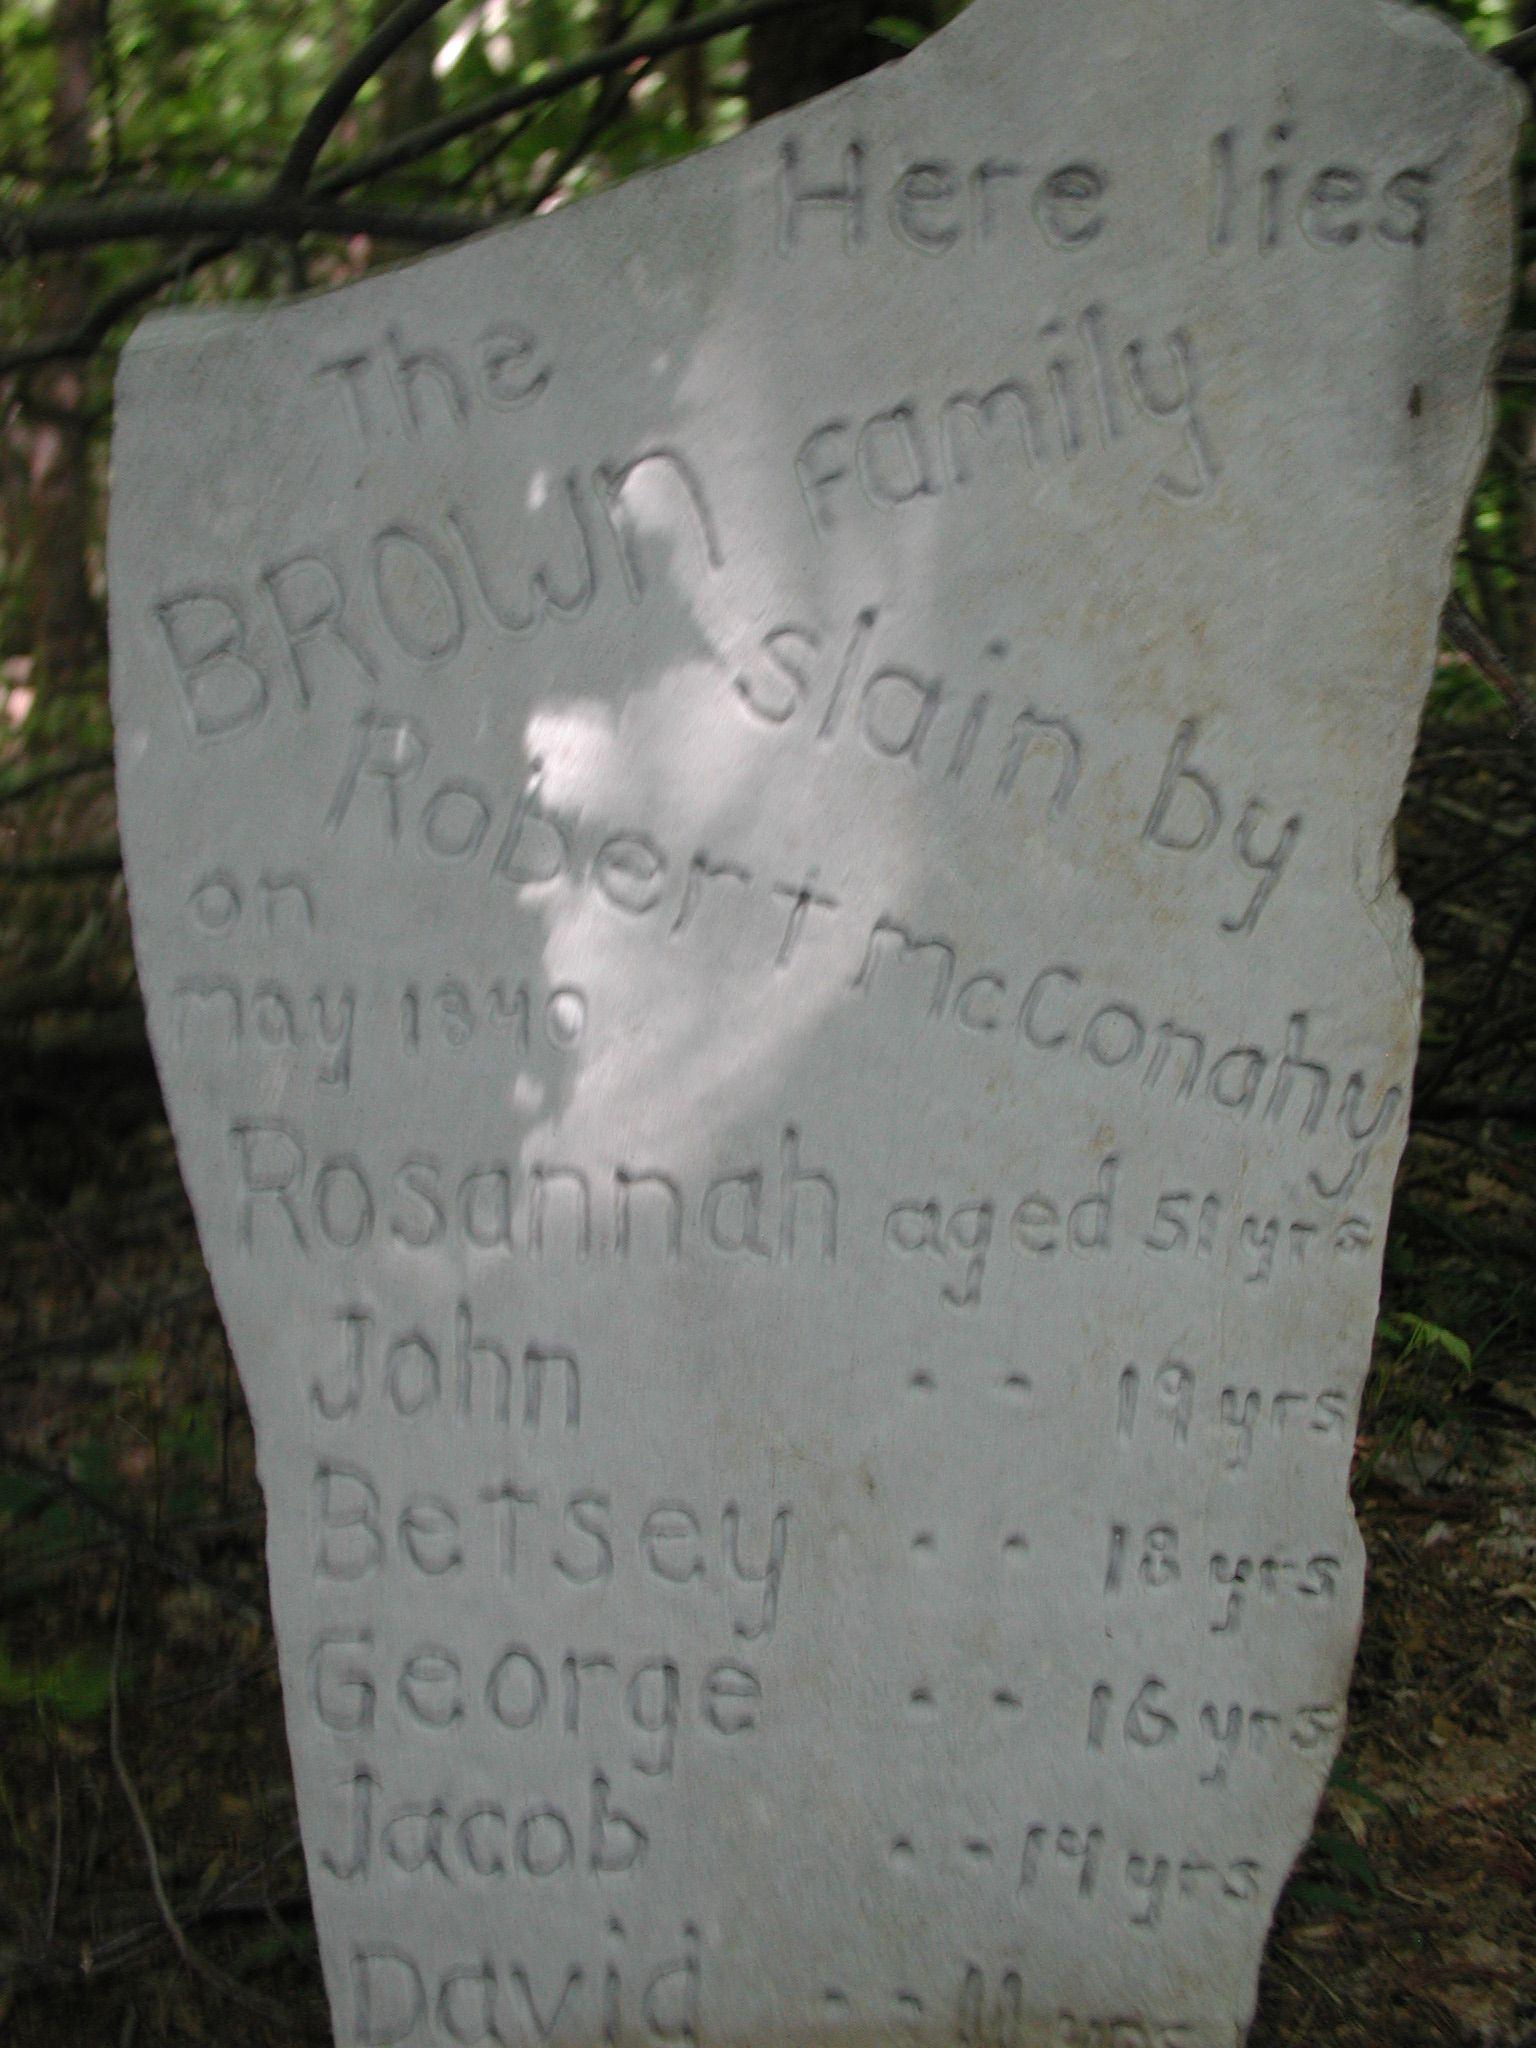 9c31471c0a37a9e3134da11b01f95dff - Glenwood Memorial Gardens Find A Grave